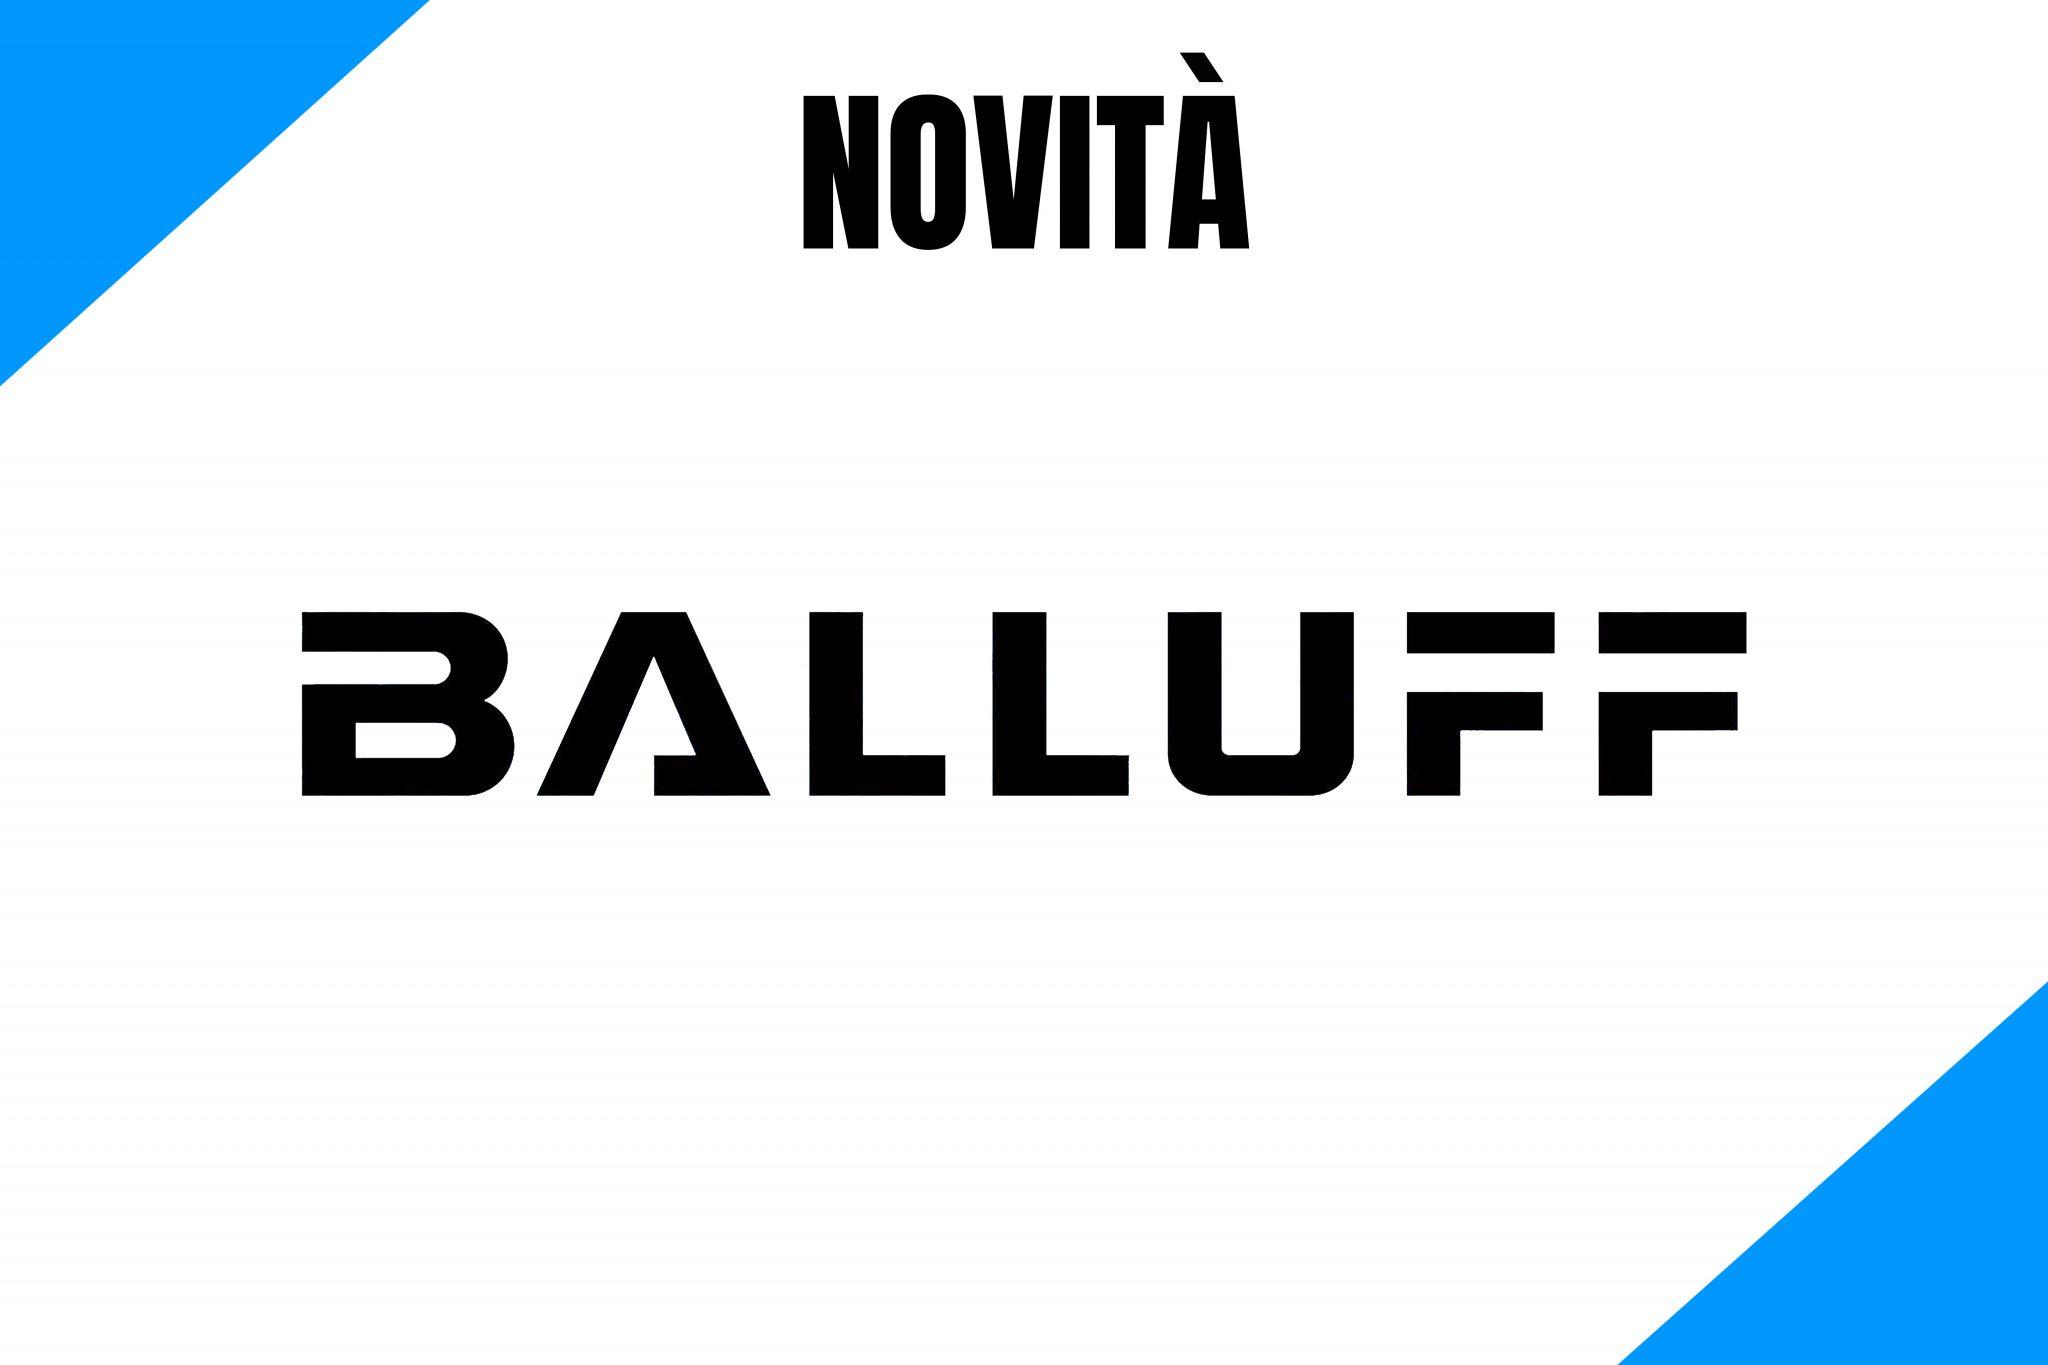 Balluff presenta il nuovo processore RFID BIS V